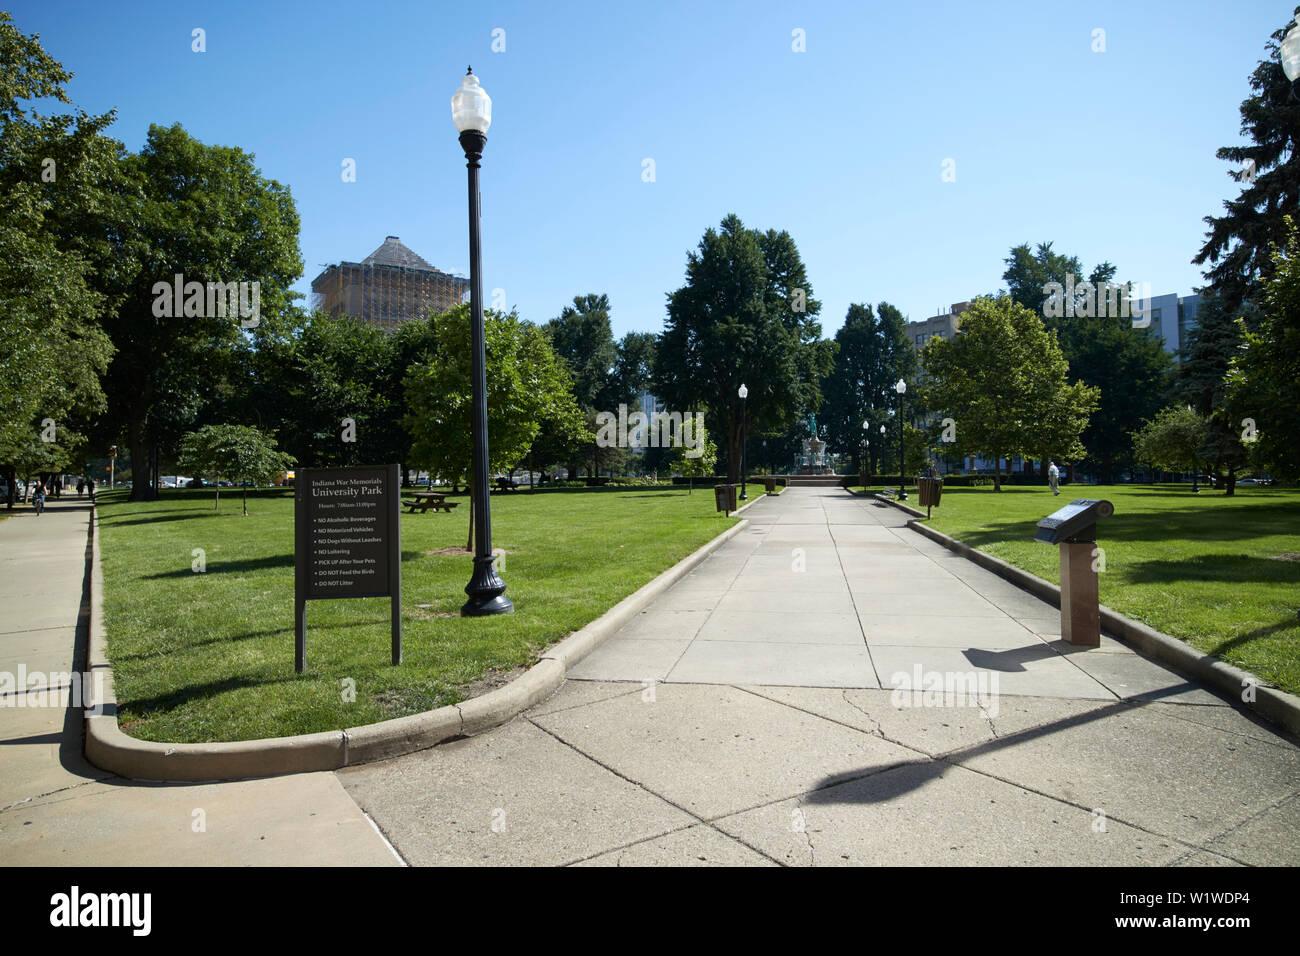 Indiana war memorials university park Indianapolis Indiana USA - Stock Image